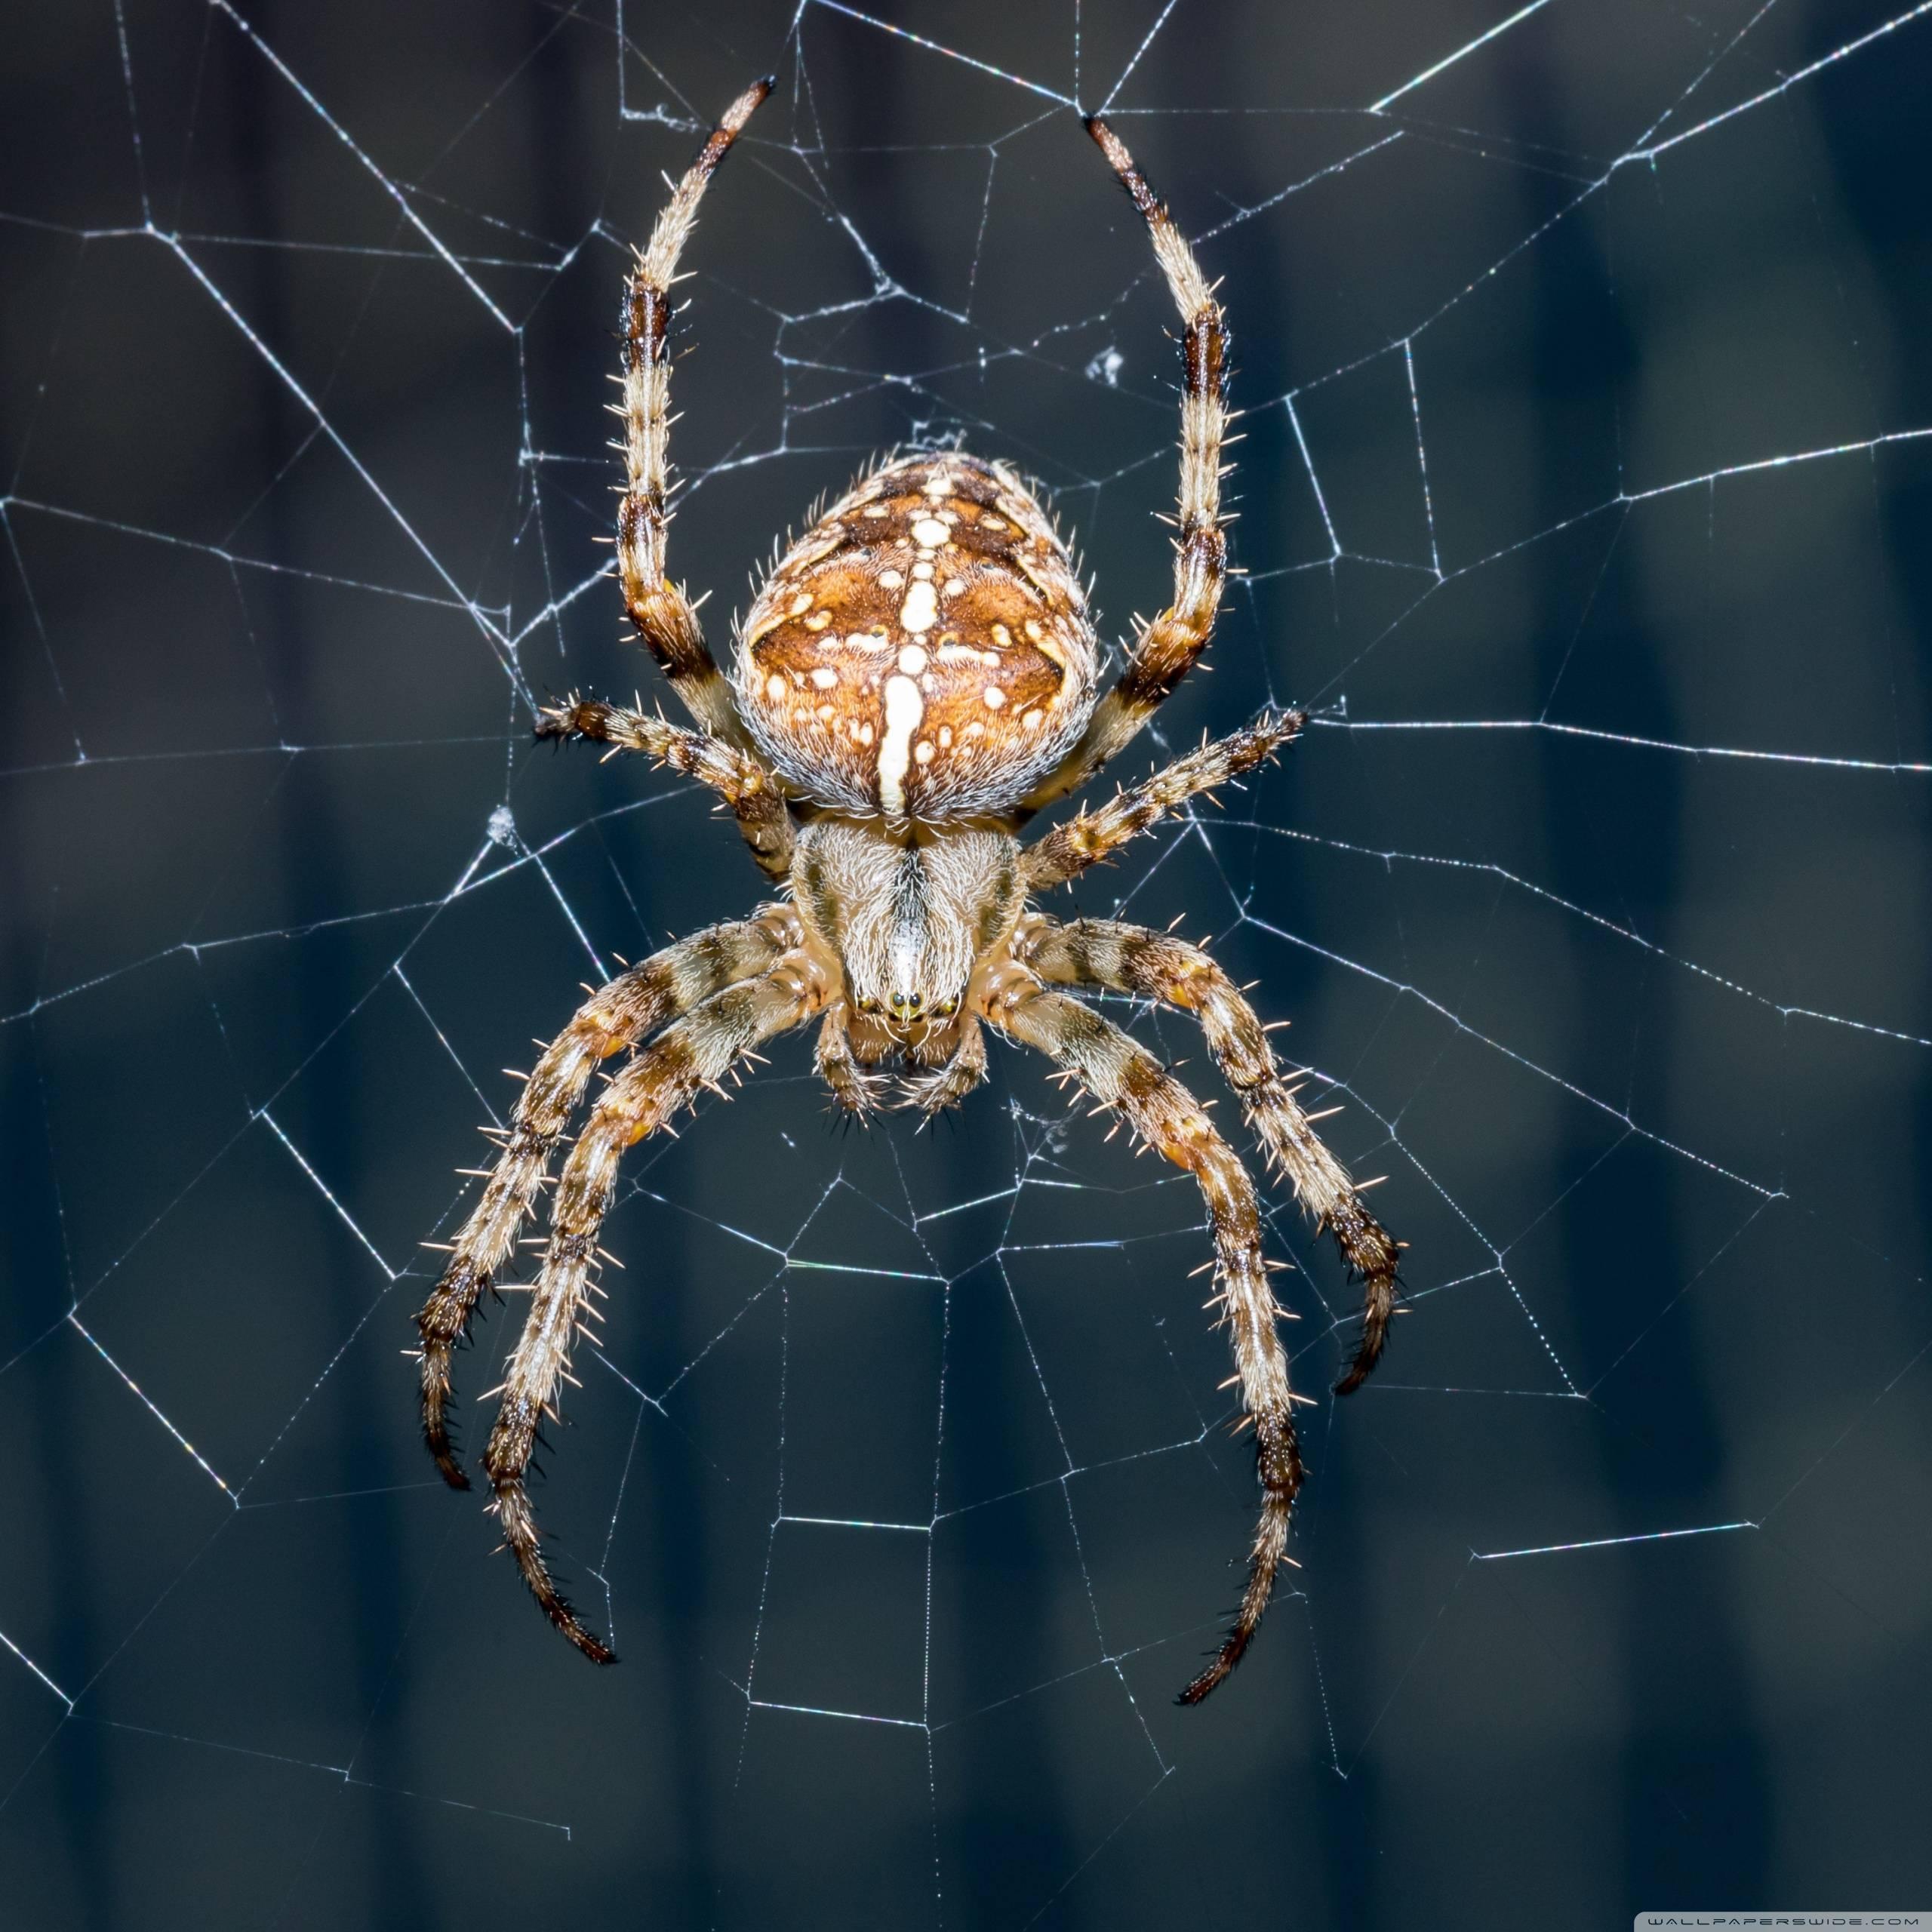 Интересные факты о пауке-крестовике, его строении, внешний вид и уровень ядовитости укуса